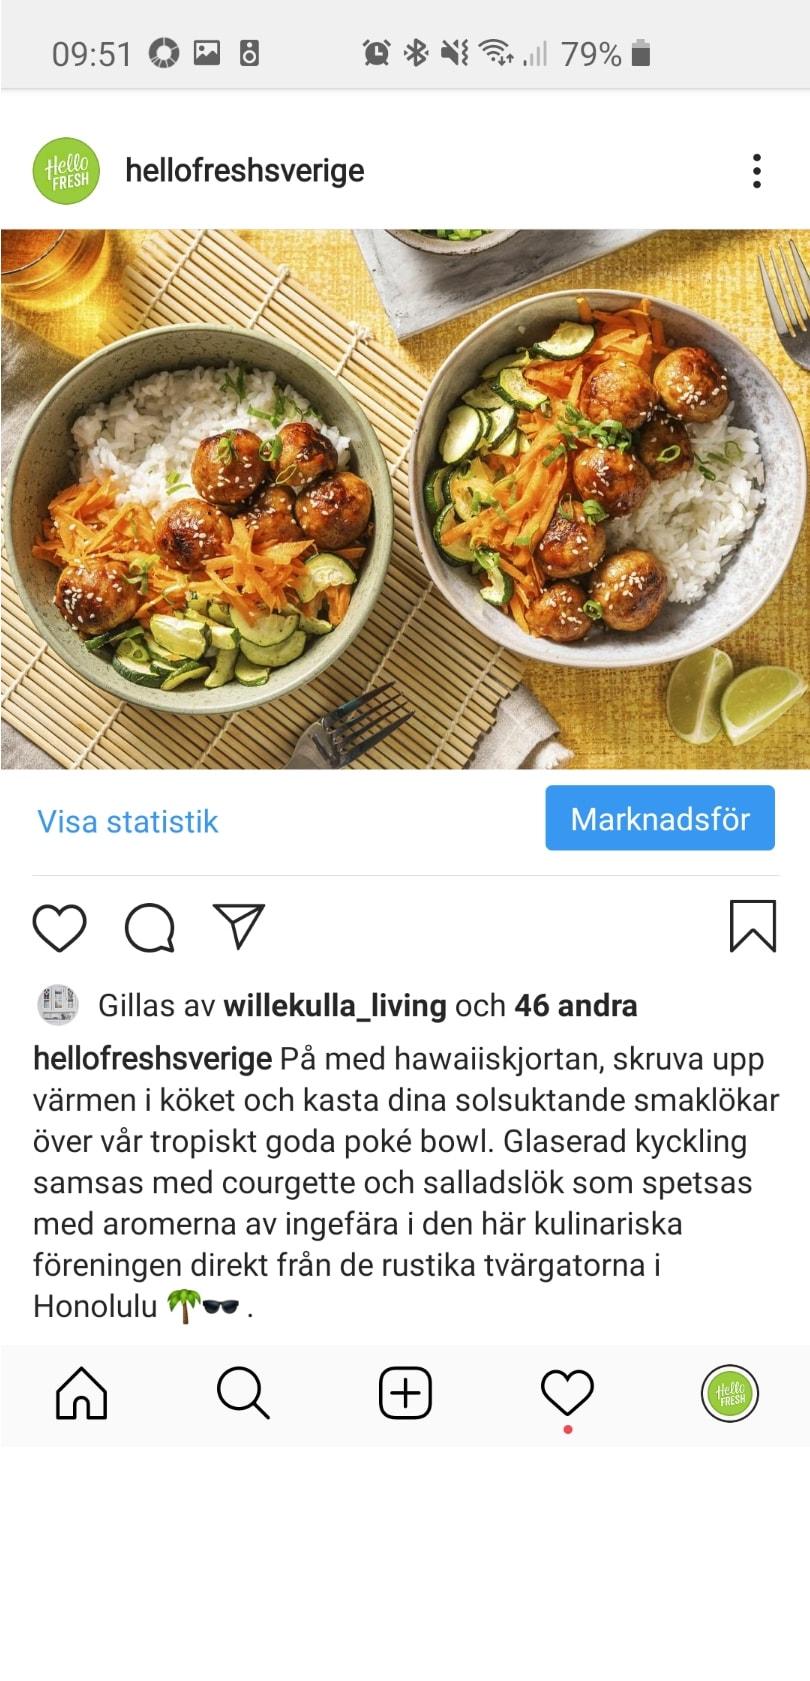 Nordics Launch